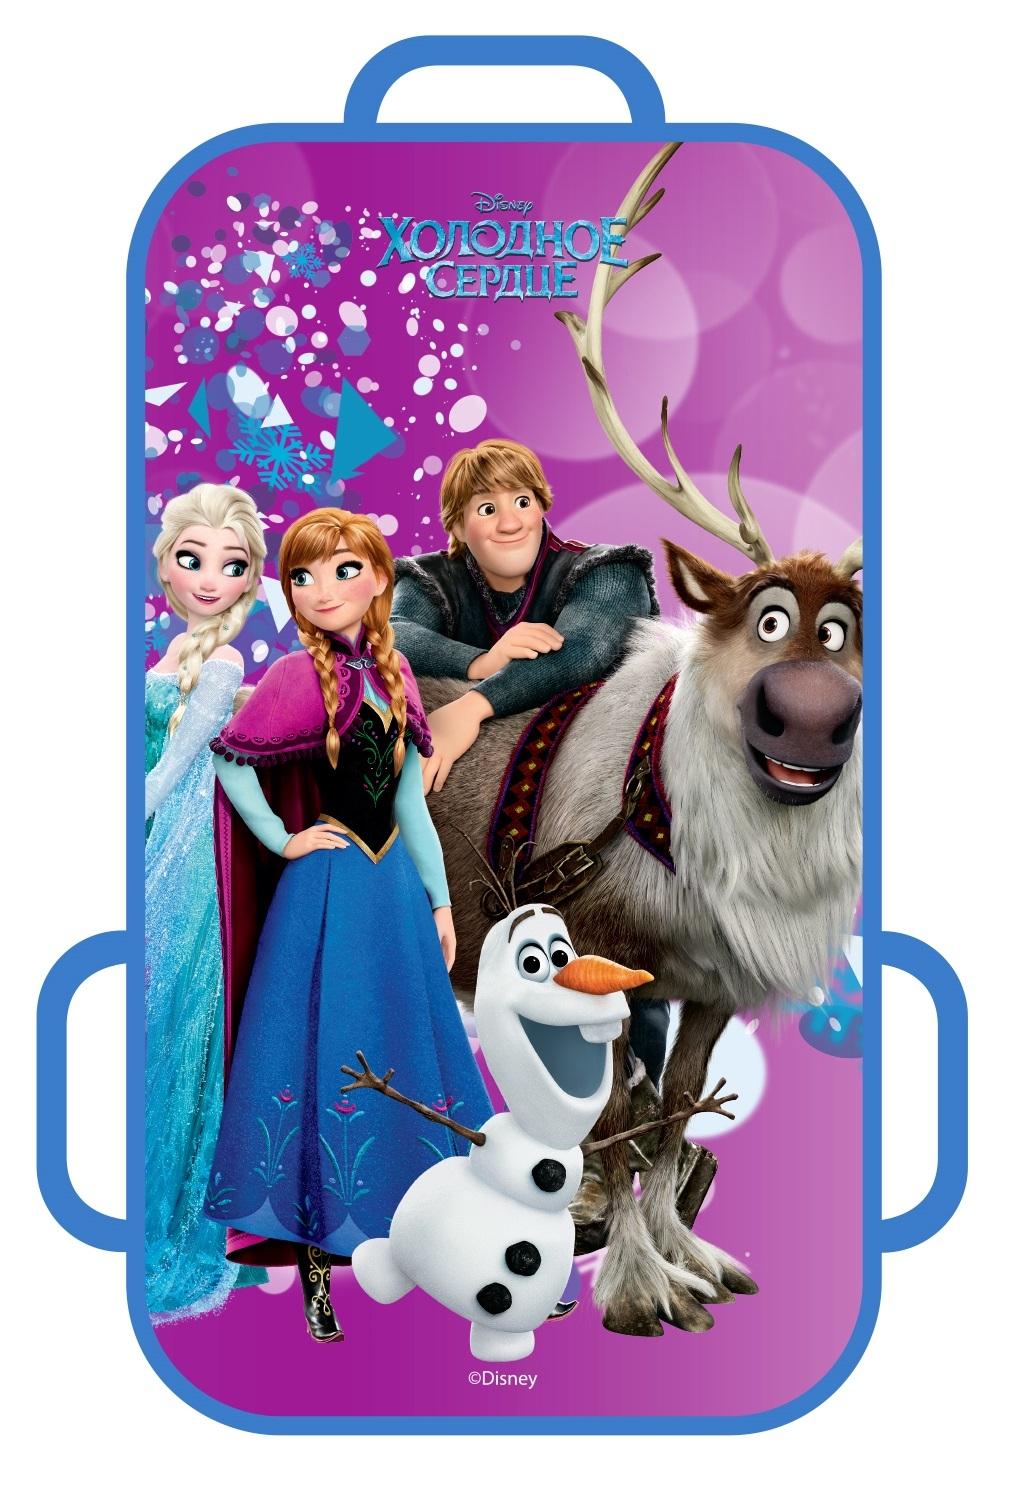 Ледянки Disney Ледянка Disney «Холодное Сердце» прямоугольная 72х41 см 1toy ледянка холодное сердце 92 см